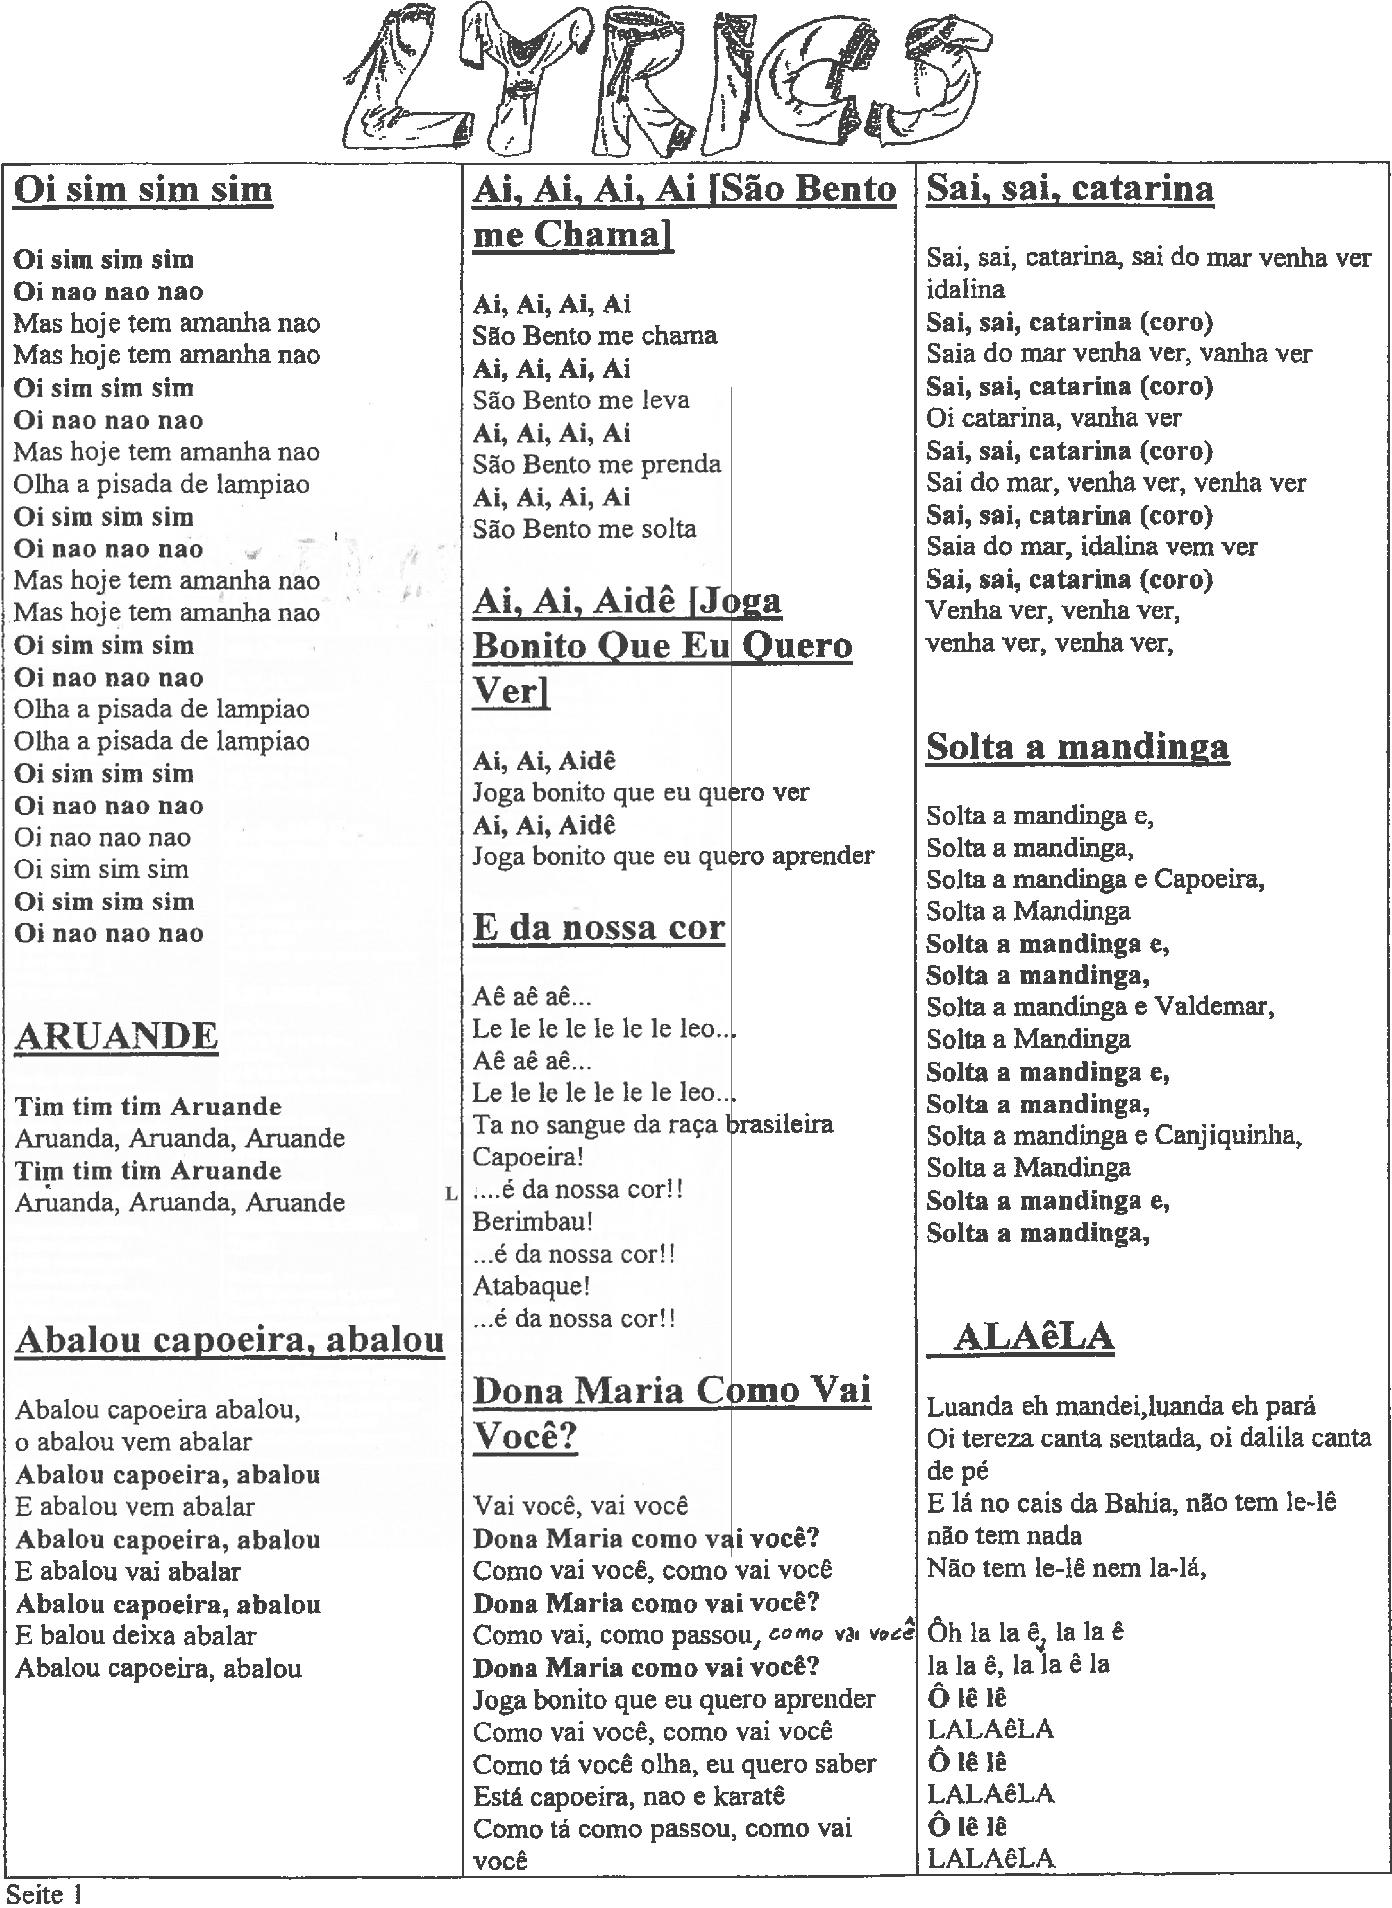 lyrics capoeira 2015png